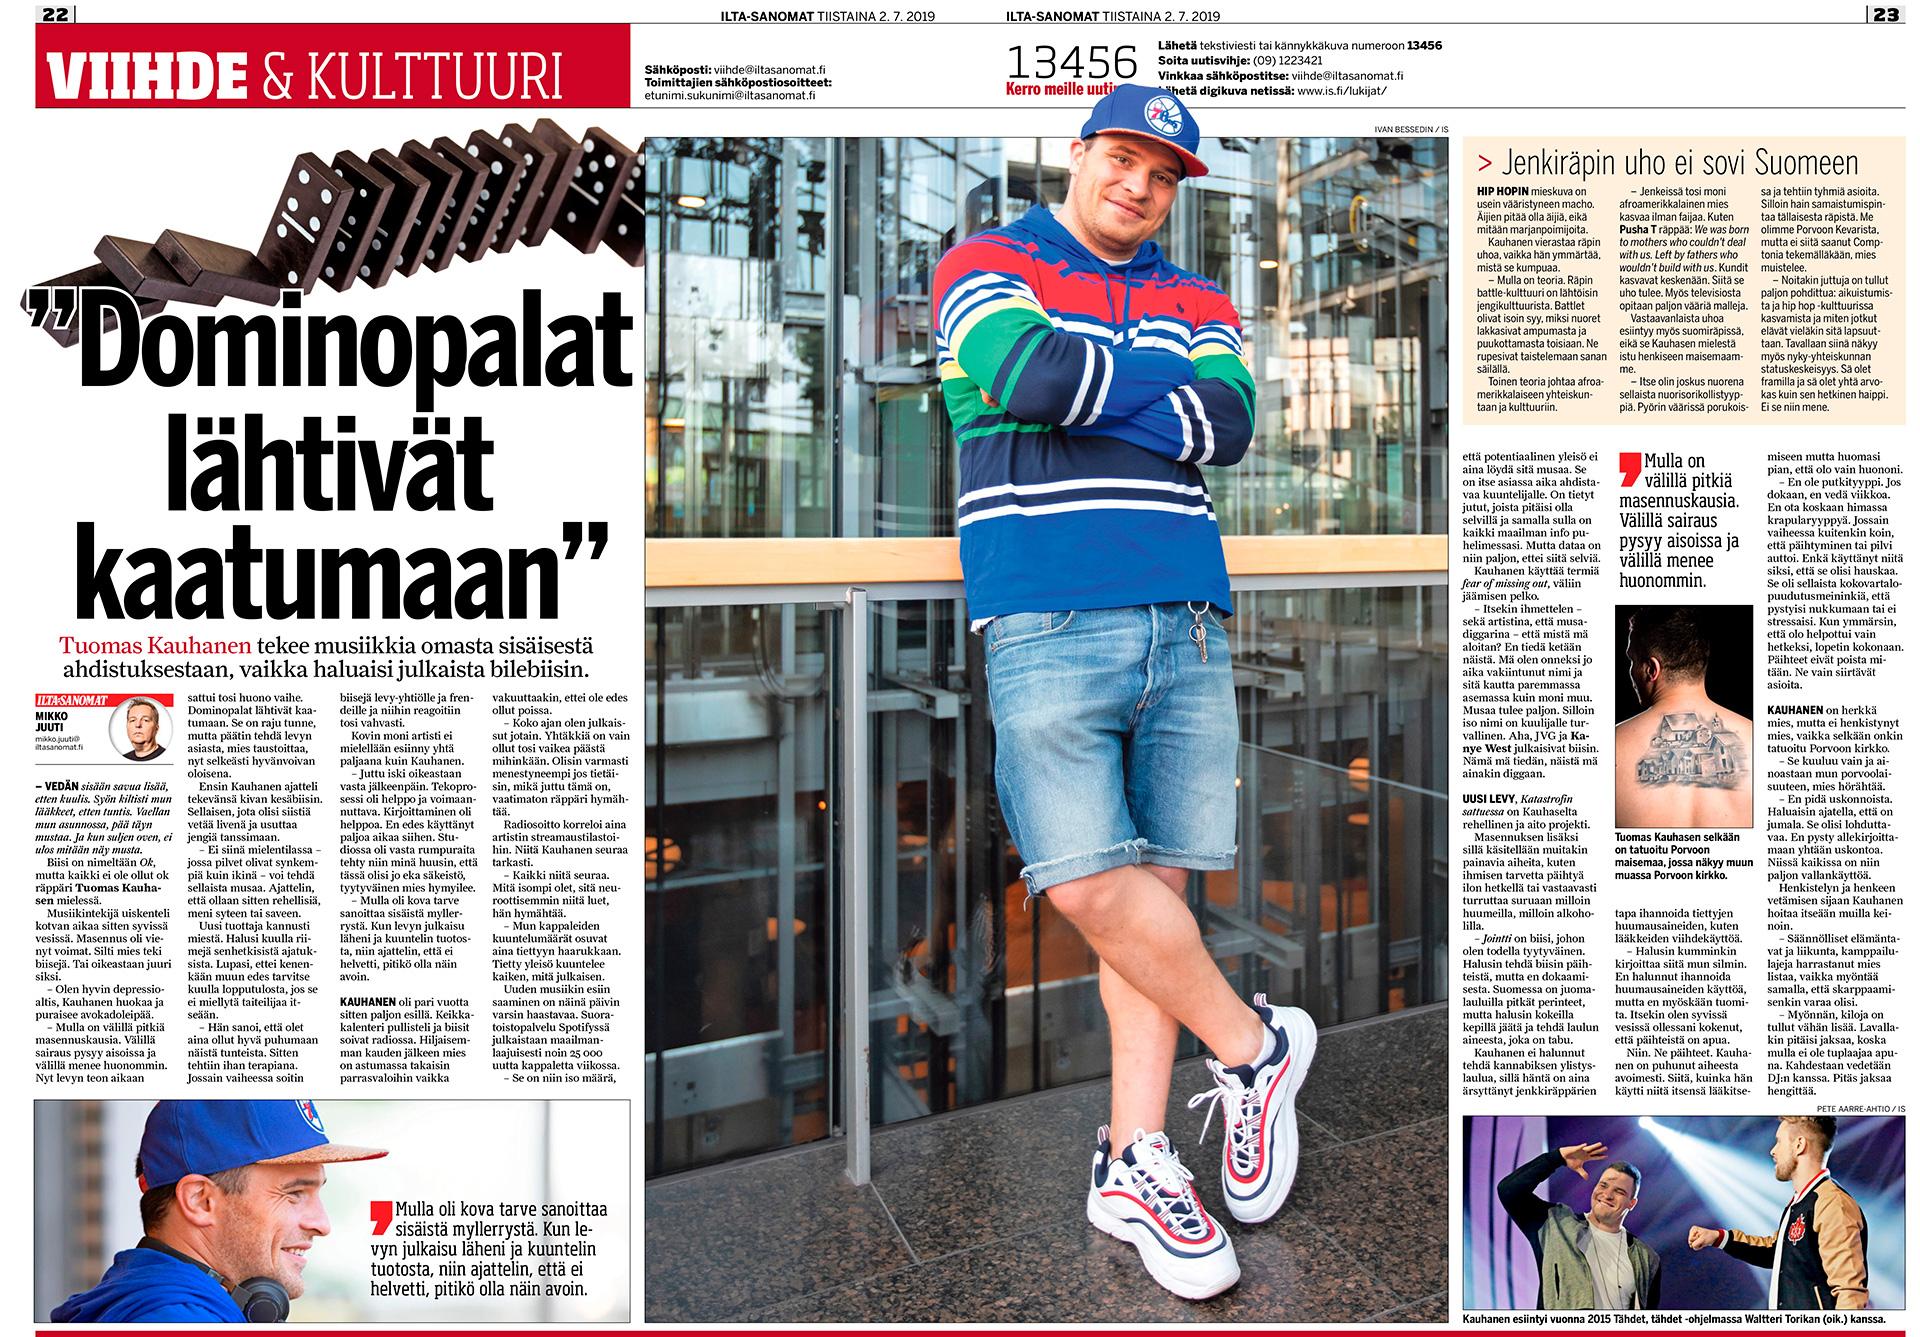 Ilta-Sanomat, Tuomas Kauhasen, räppäri, Sanomatalo, Helsinki, Suomi